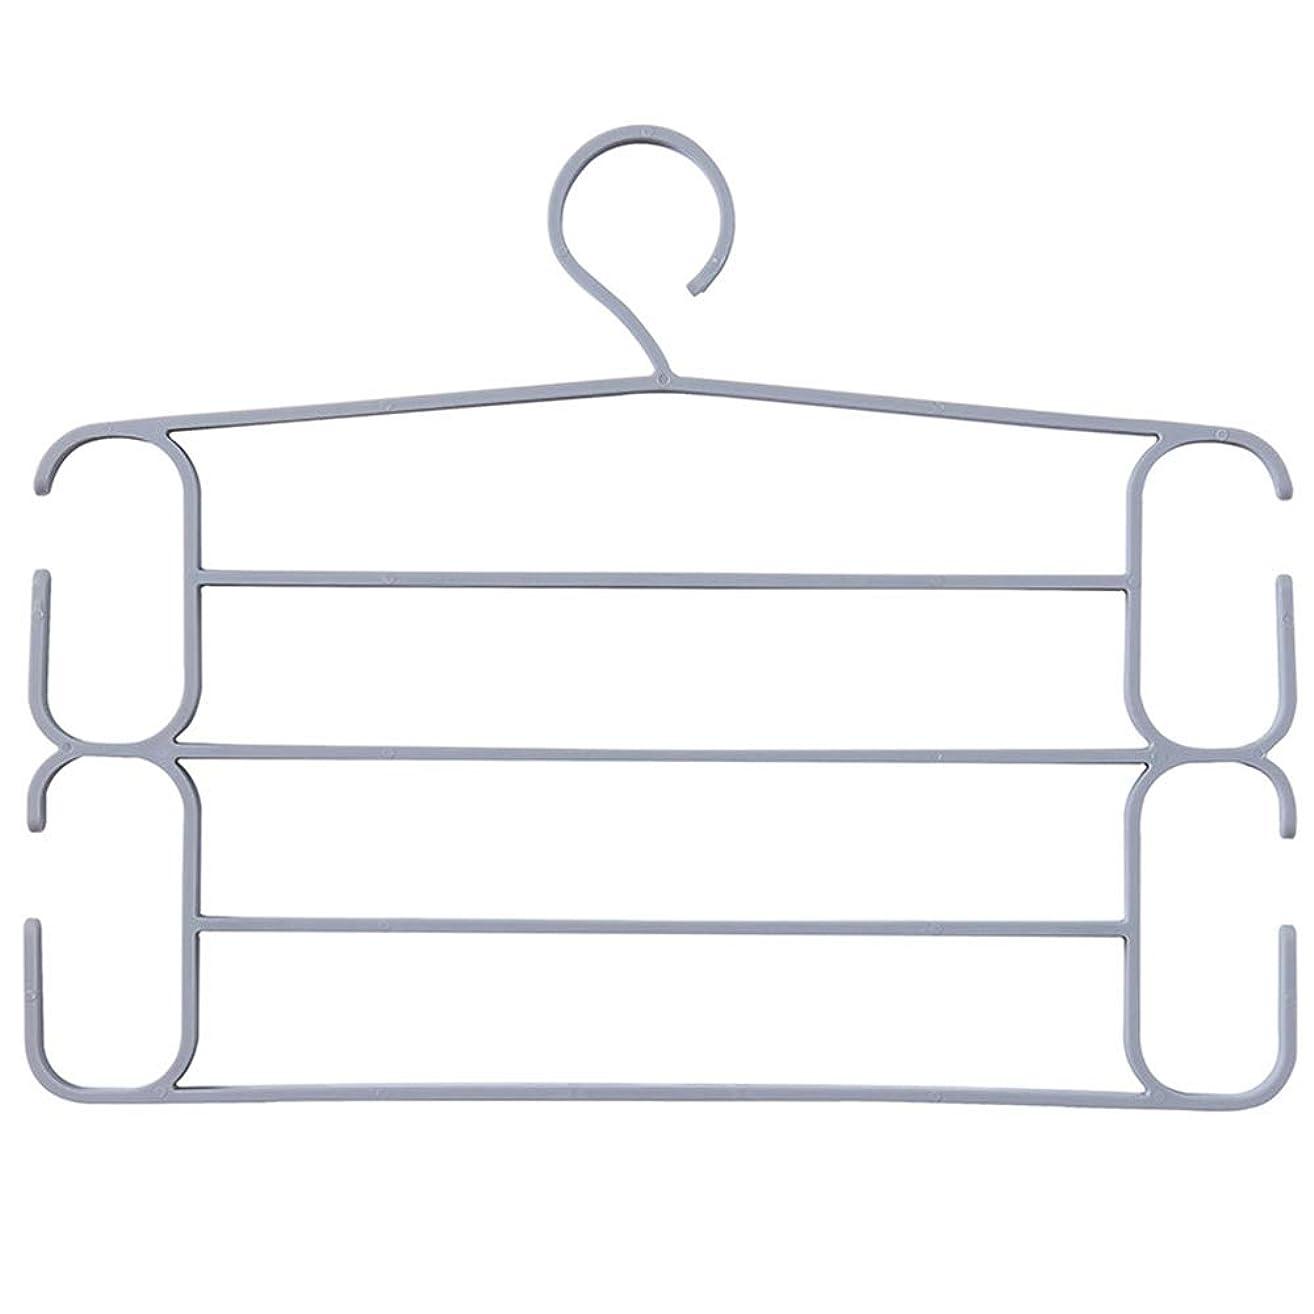 種経験者有害なスーツハンガー 服パンツハンガーマルチレイヤーパンツスラックハンガースイングアームパンツハンガークローゼット収納ズボンジーンズスカーフぶら下げ ジャケットハンガー (色 : グレー)